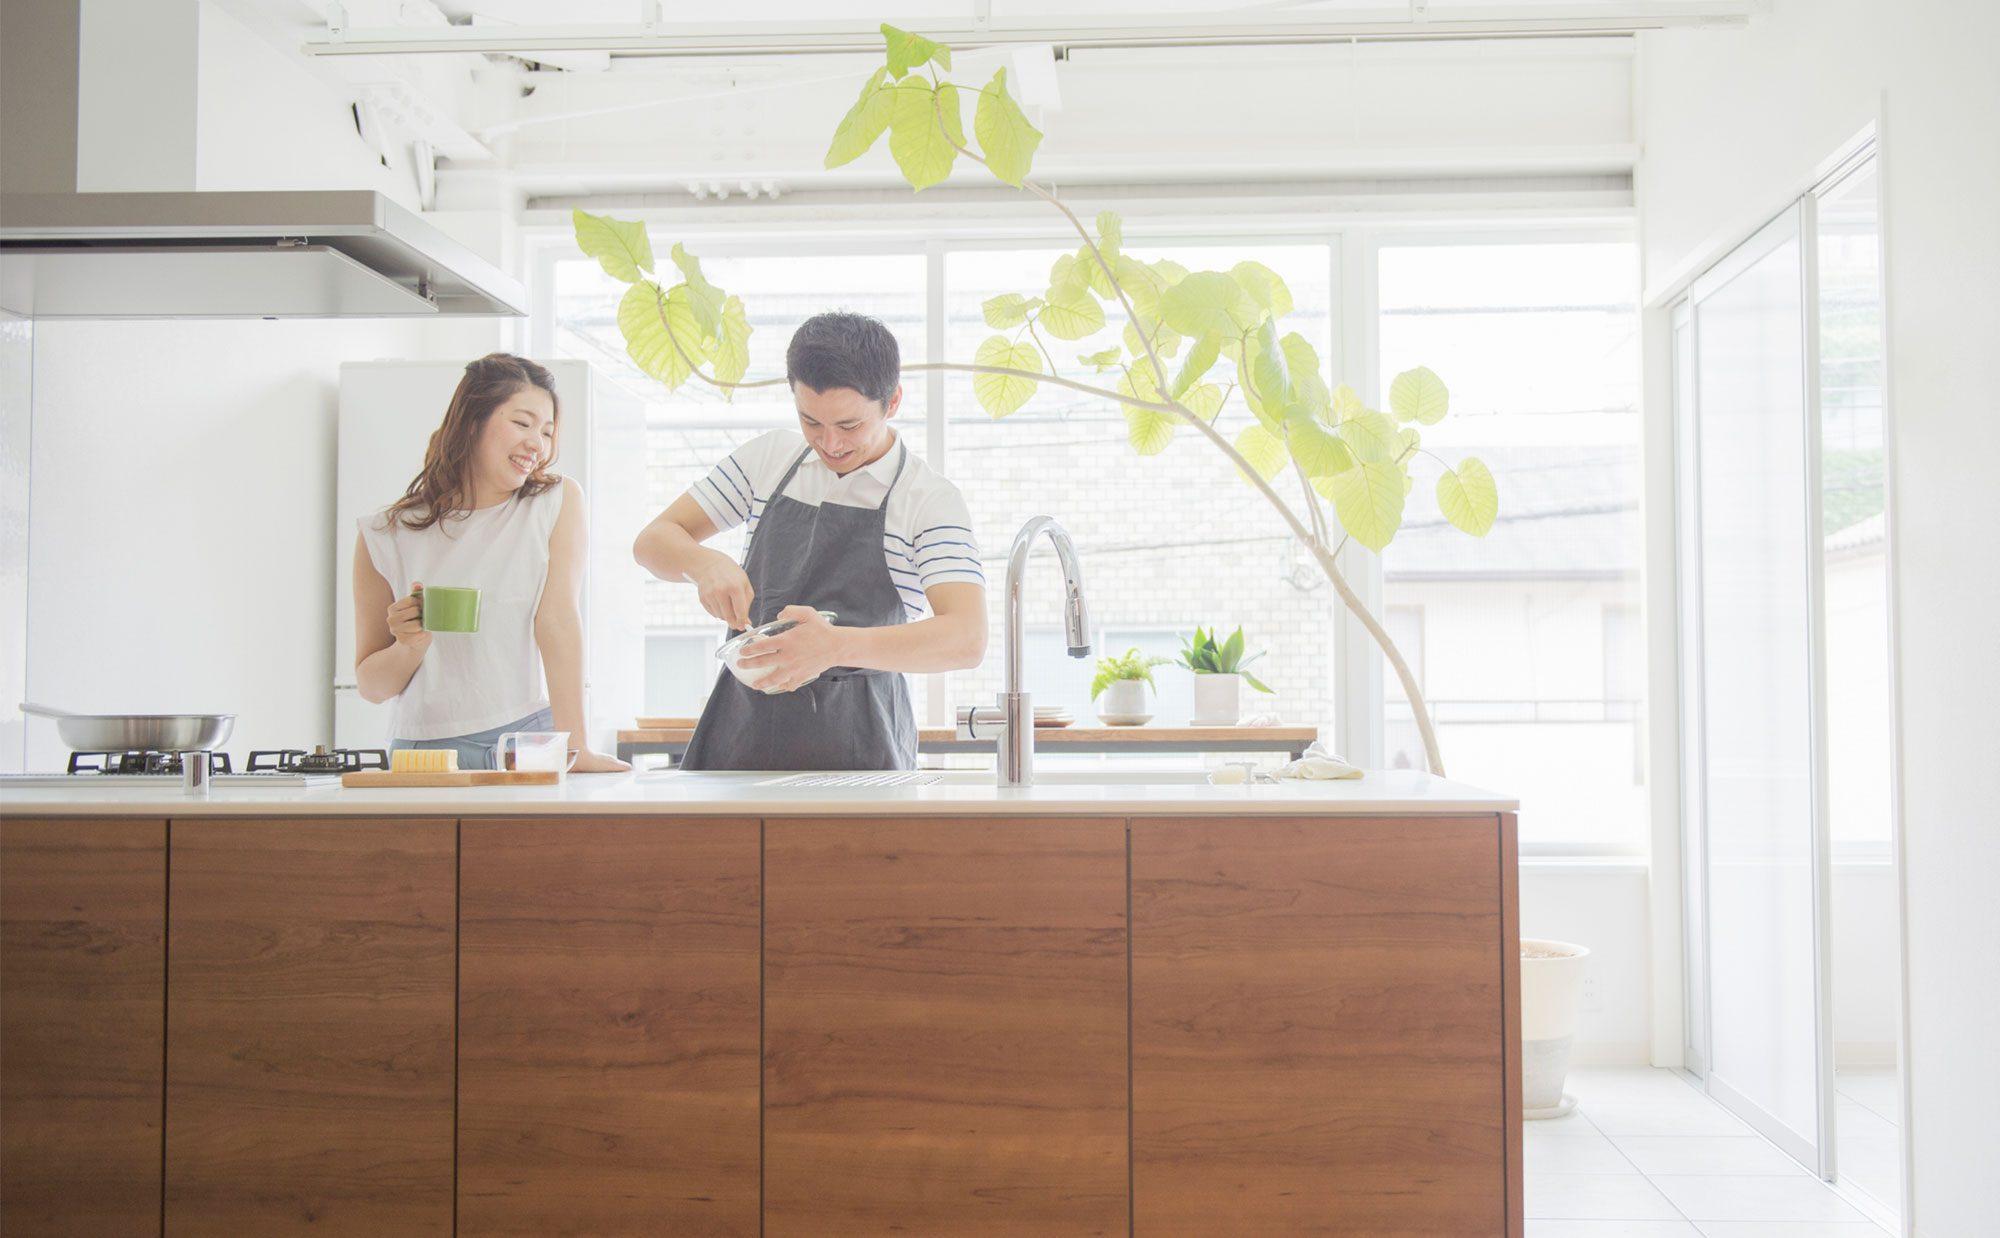 働くカップル必見!東京で同棲するカップルにおすすめのお部屋選びとエリア